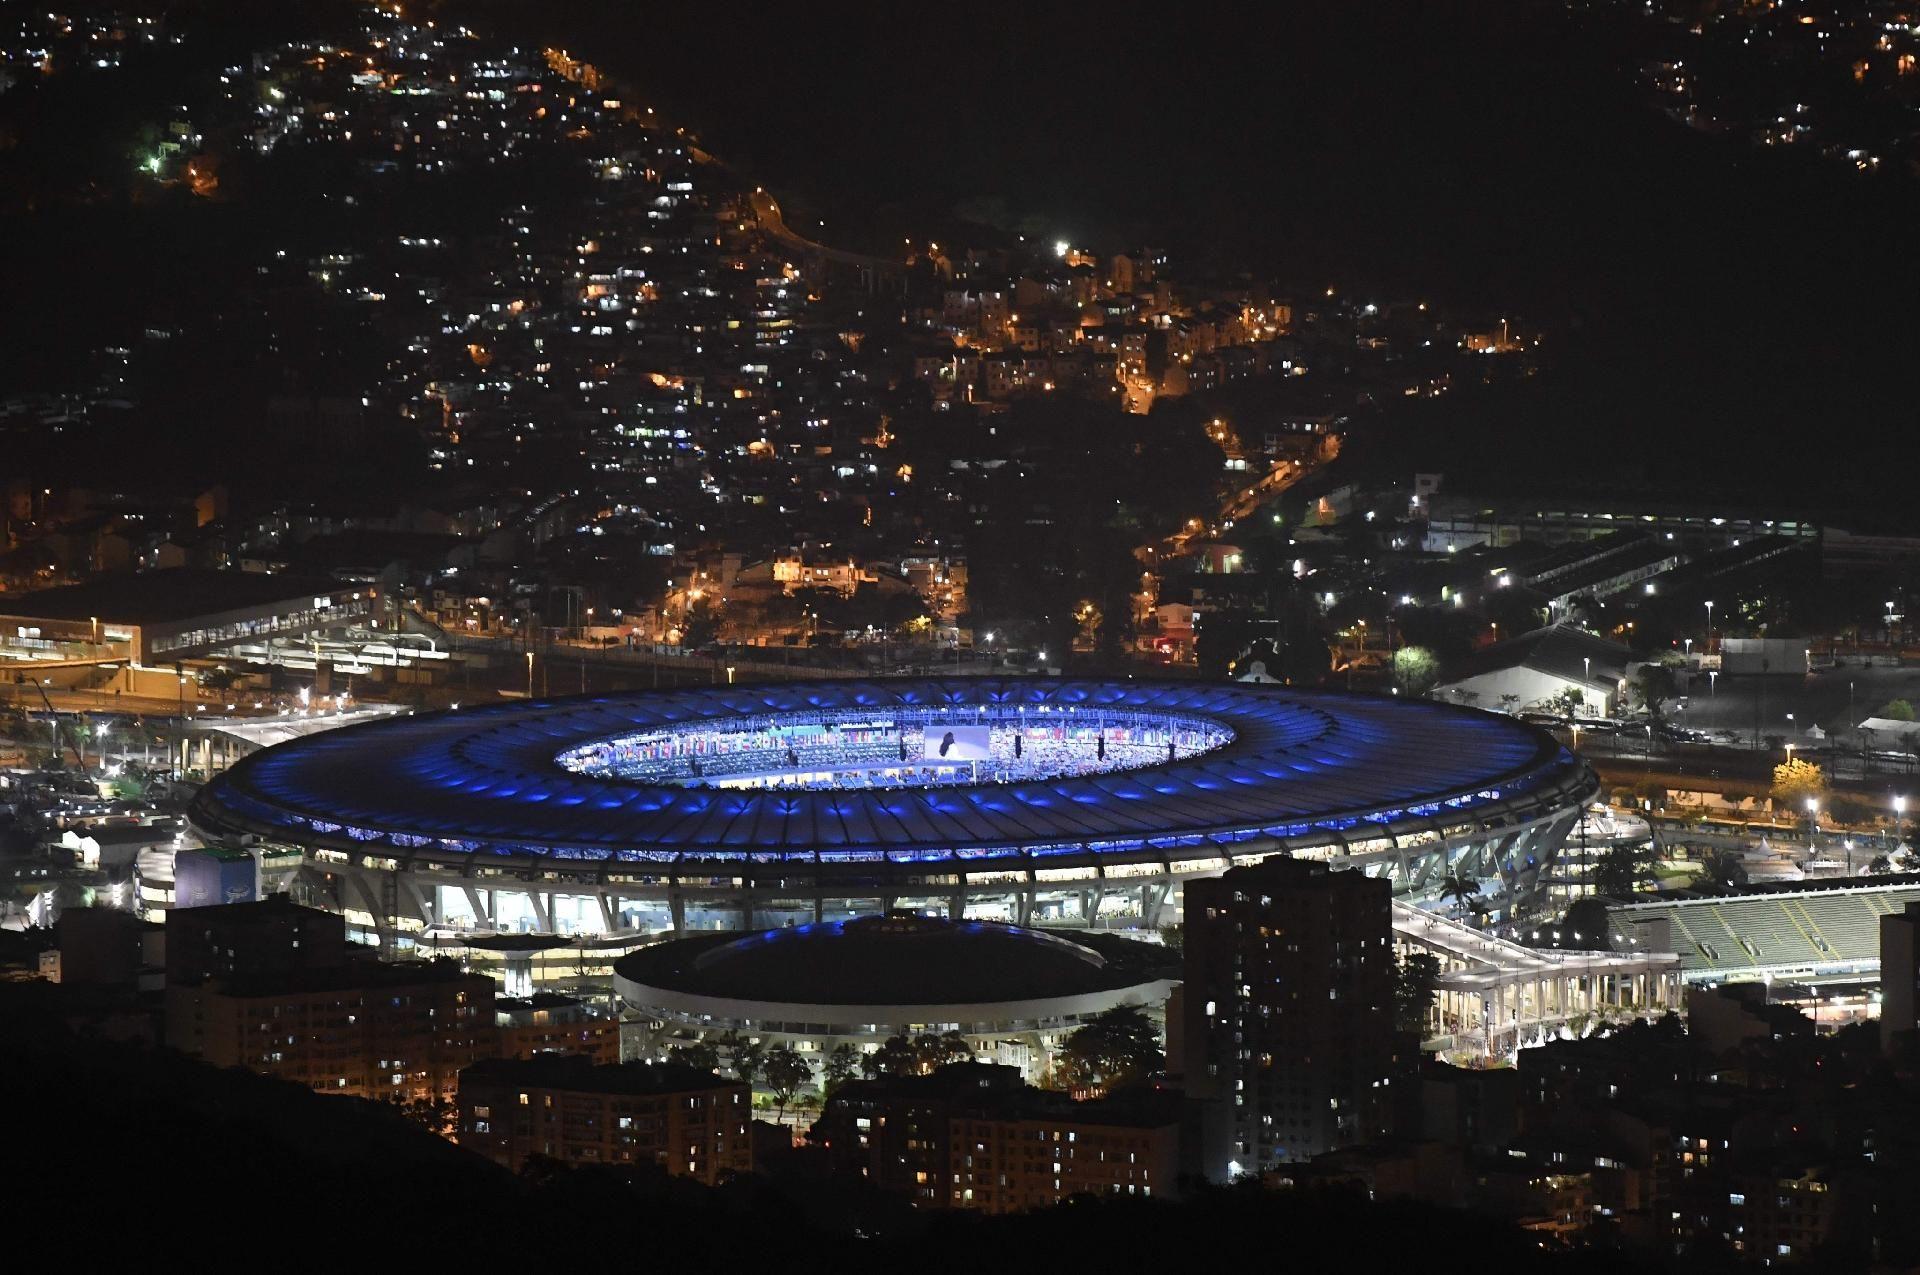 Cerimônia de abertura da Olimpíada - 5/8/2016 Imagem do Maracanã, momentos antes do início da cerimôniaimagem: DAMIEN MEYER/AFP